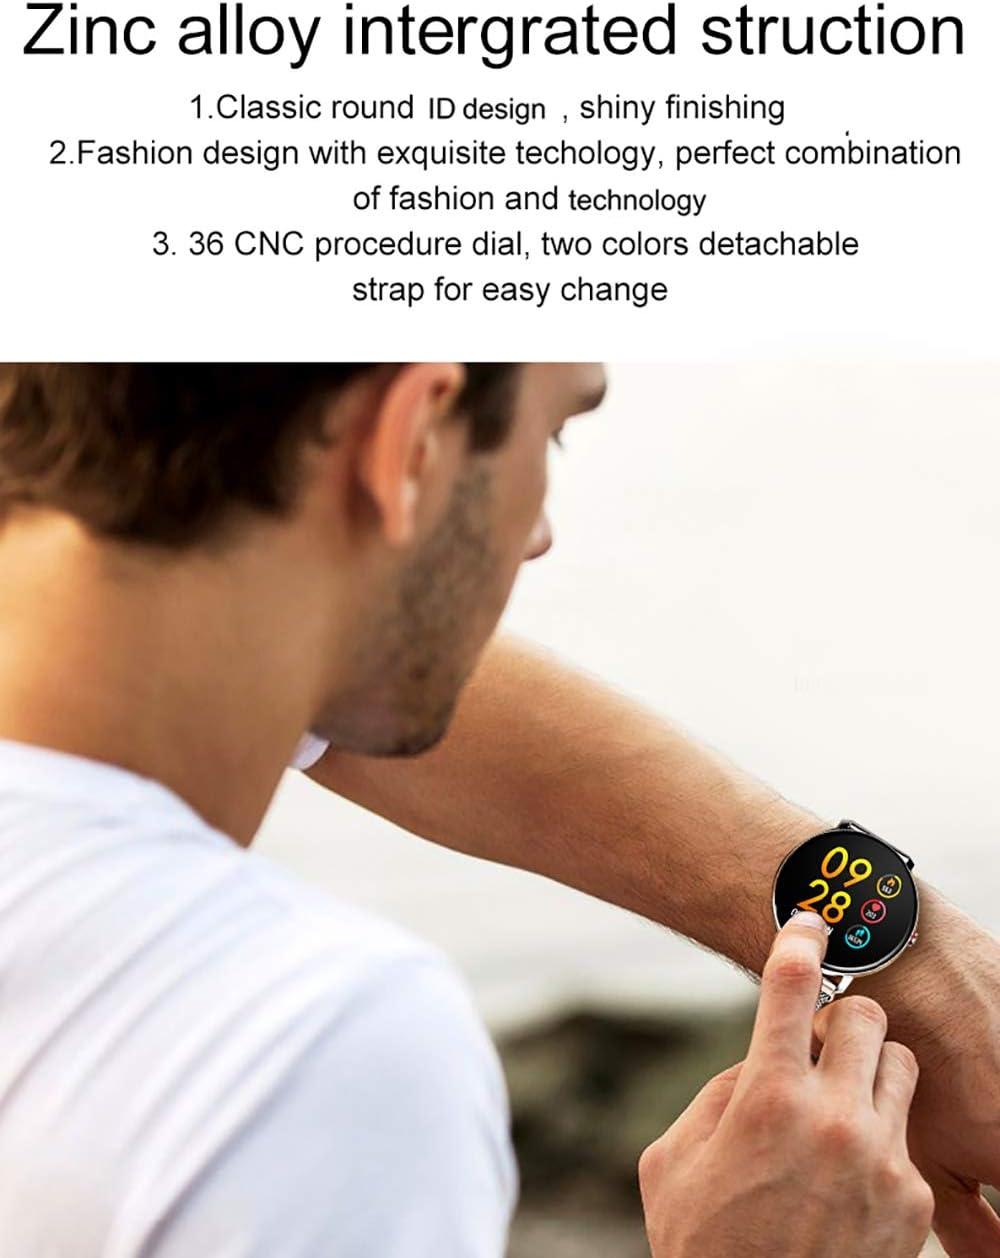 Festnight SENBONO K9 Montre Intelligente /Écran IPS 1,30 IP68 /Étanche BT4.0 Minuteur Fitness Podom/ètre Calorie Distance Fr/équence Cardiaque Tension art/érielle Oxyg/ène sanguin Surveillance Sommeil